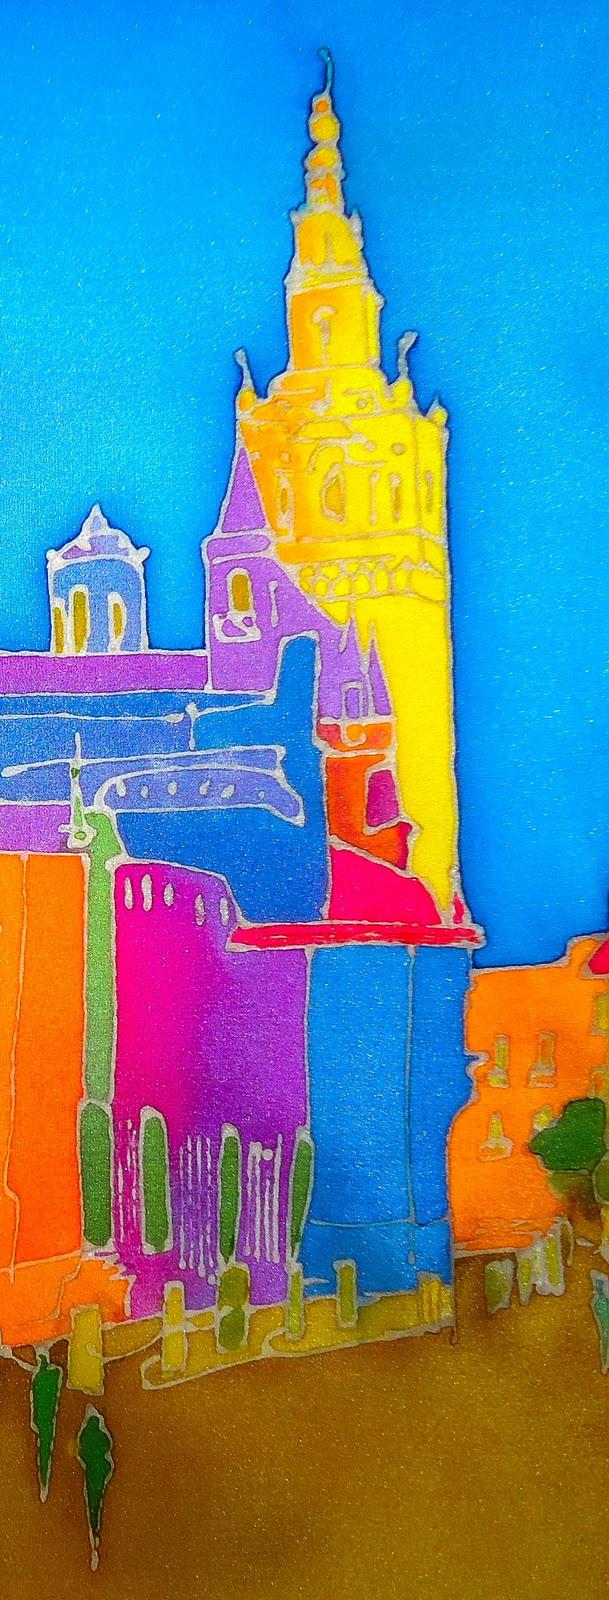 L 39 atelier giralda plaza del triunfo sevilla for Todo pintura sevilla